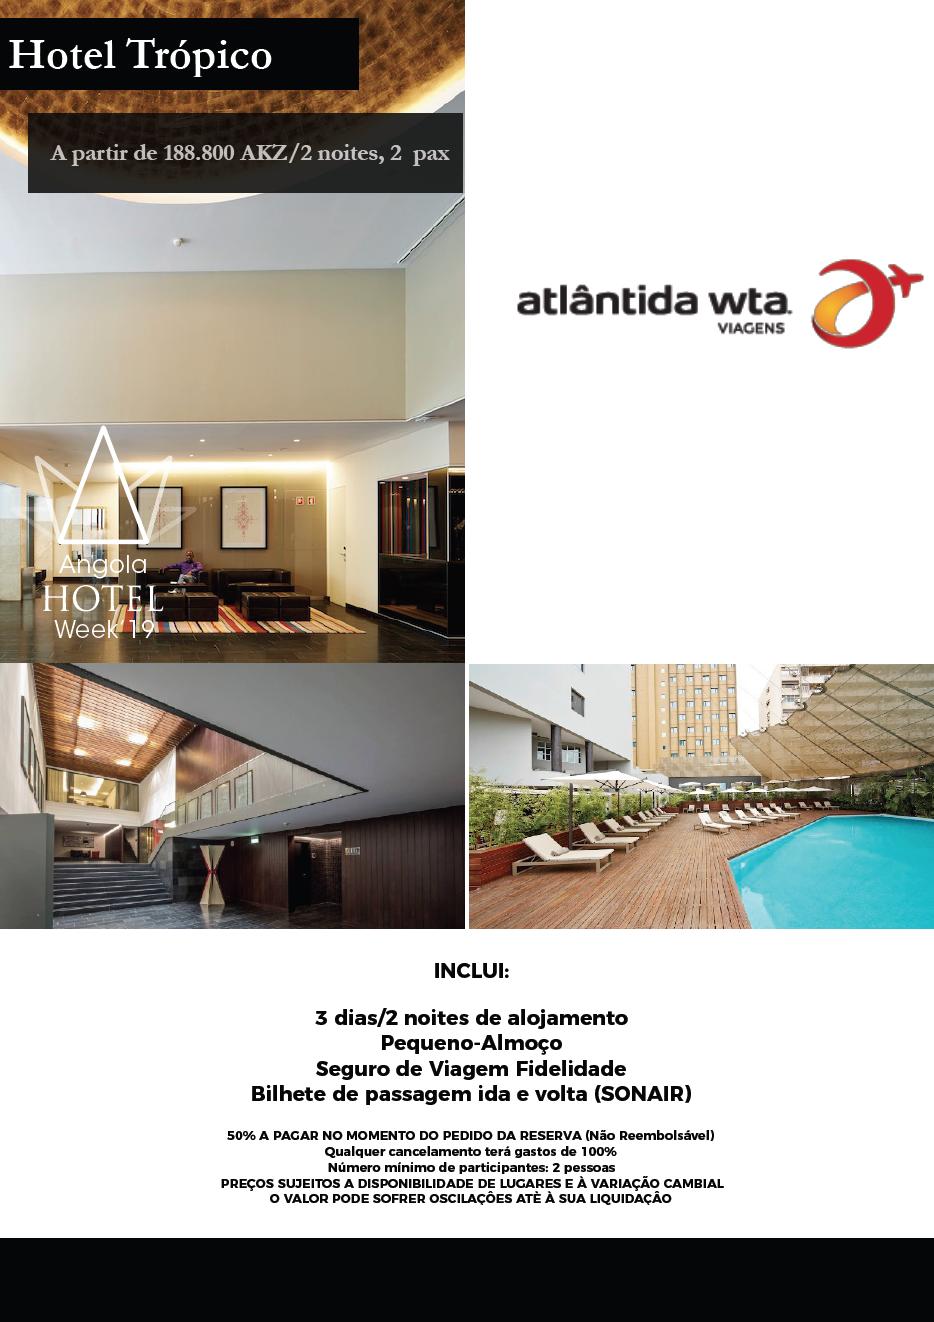 Atlantida_Tropico.png